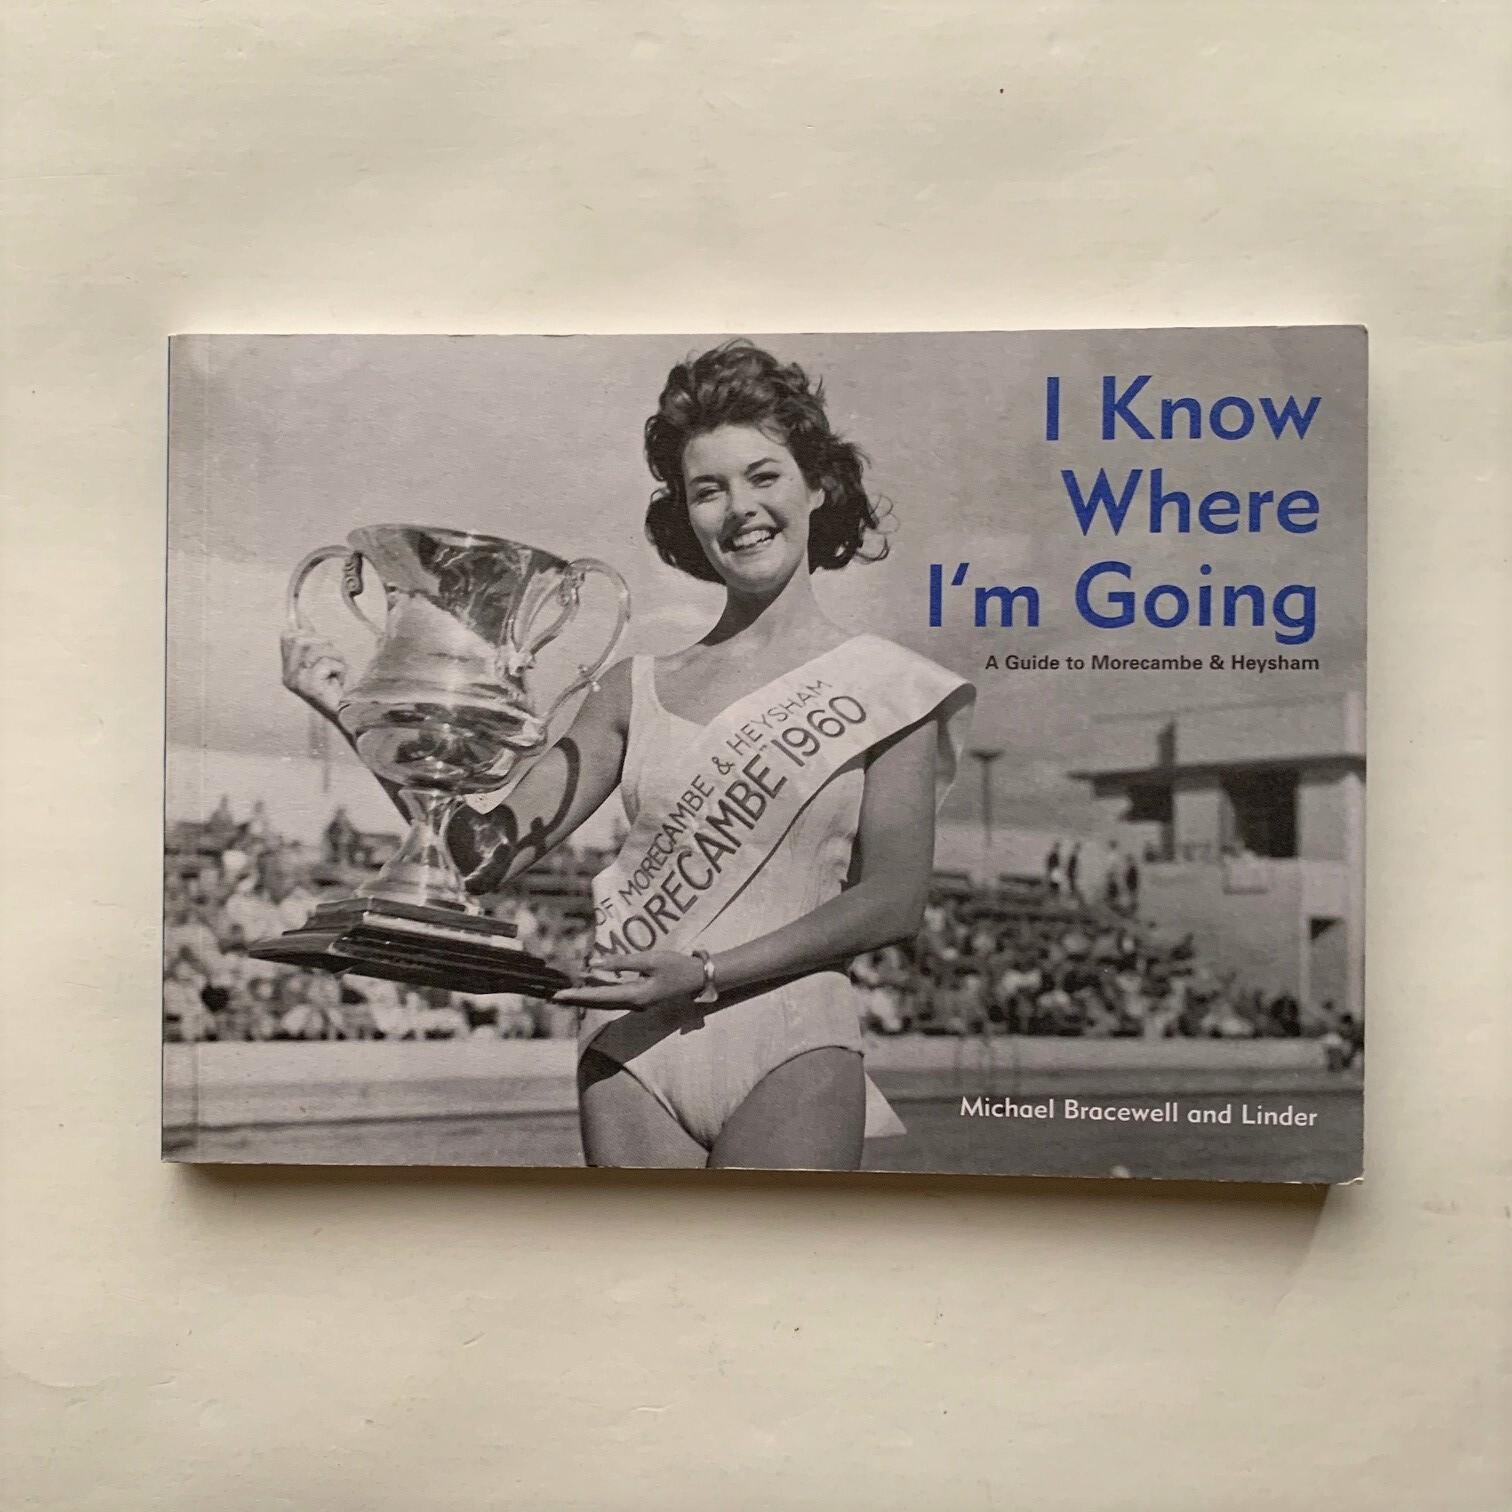 I Know Where I'm Going / A Guide to Morecambe & Heysham / Michael Bracewell & Linder